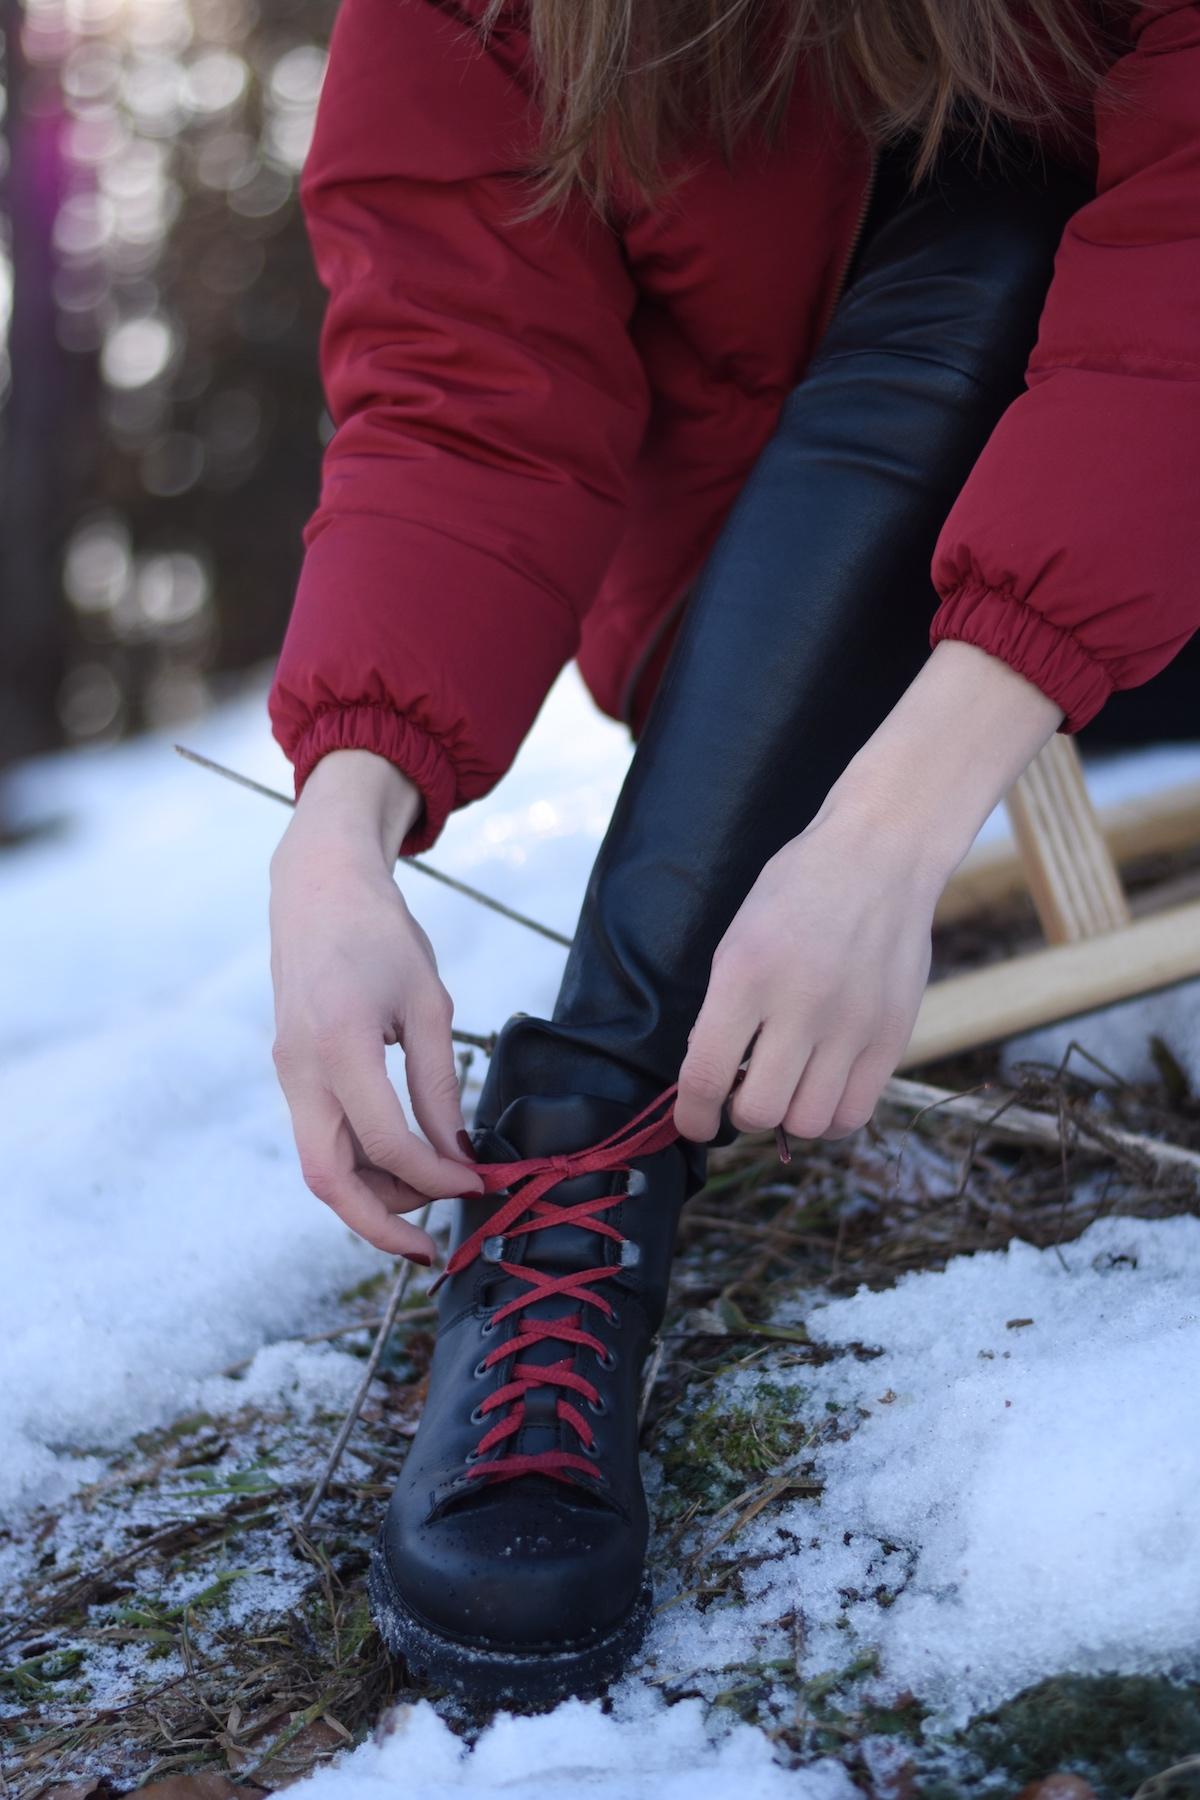 Chic & Schlittentauglich - Ein Winterschuh für alle Fälle + Outfit, Schwarze Schuhe Rote Schnürsenkel